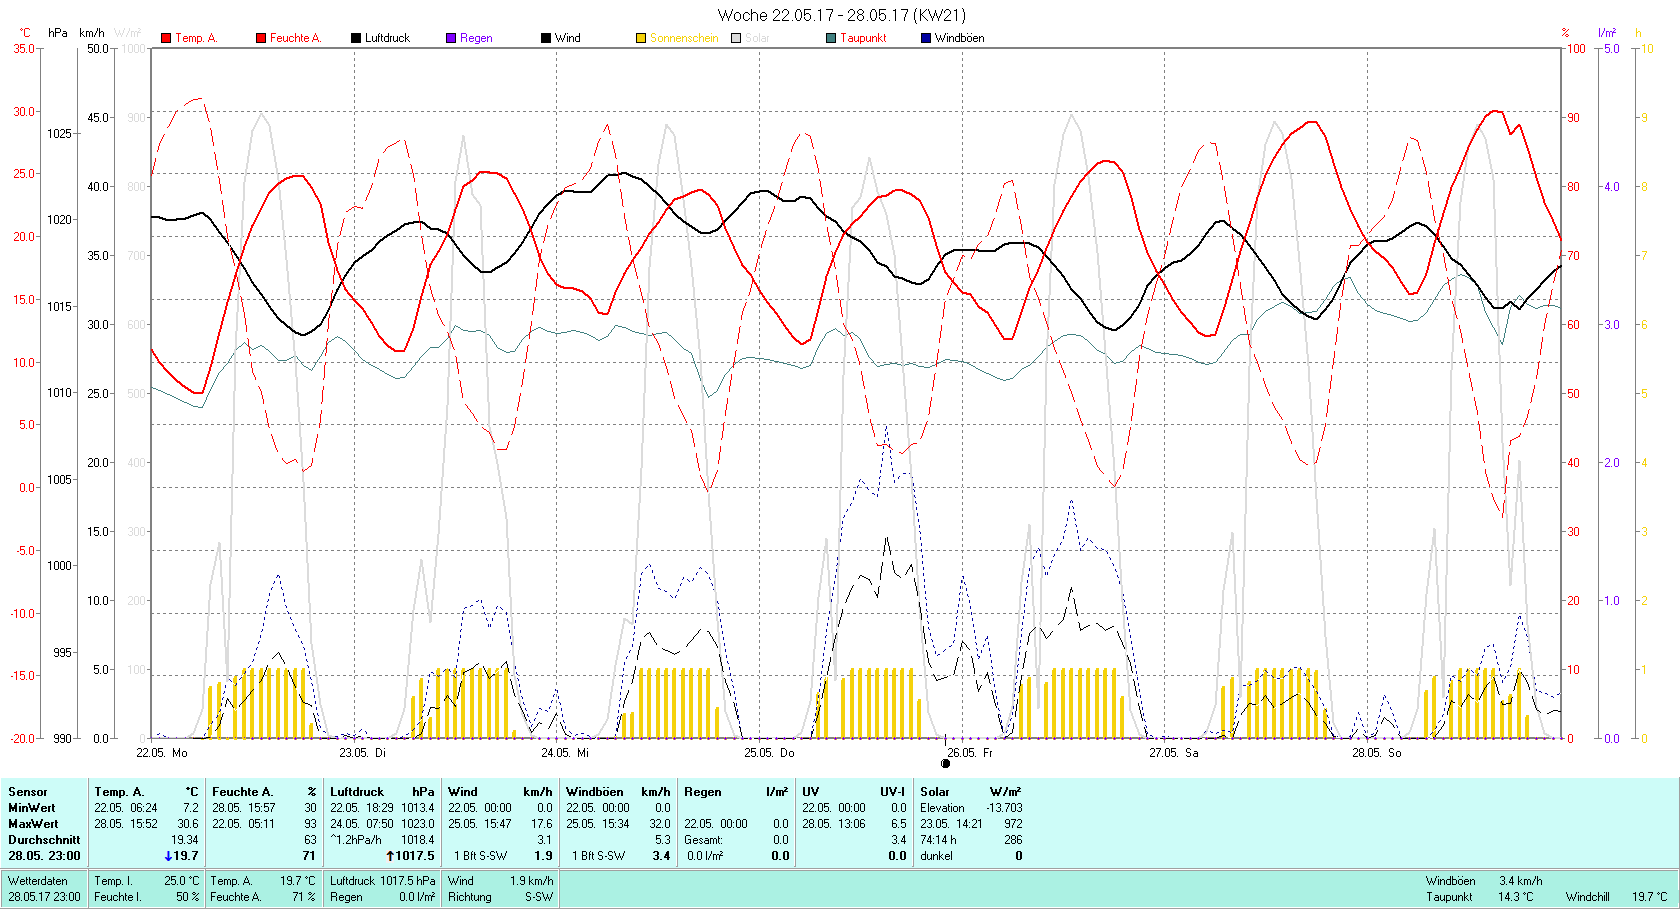 KW 21 Tmin 7.2°C, Tmax 30.6°C, Sonne 65:24h, Niederschlag 0.0mm/2